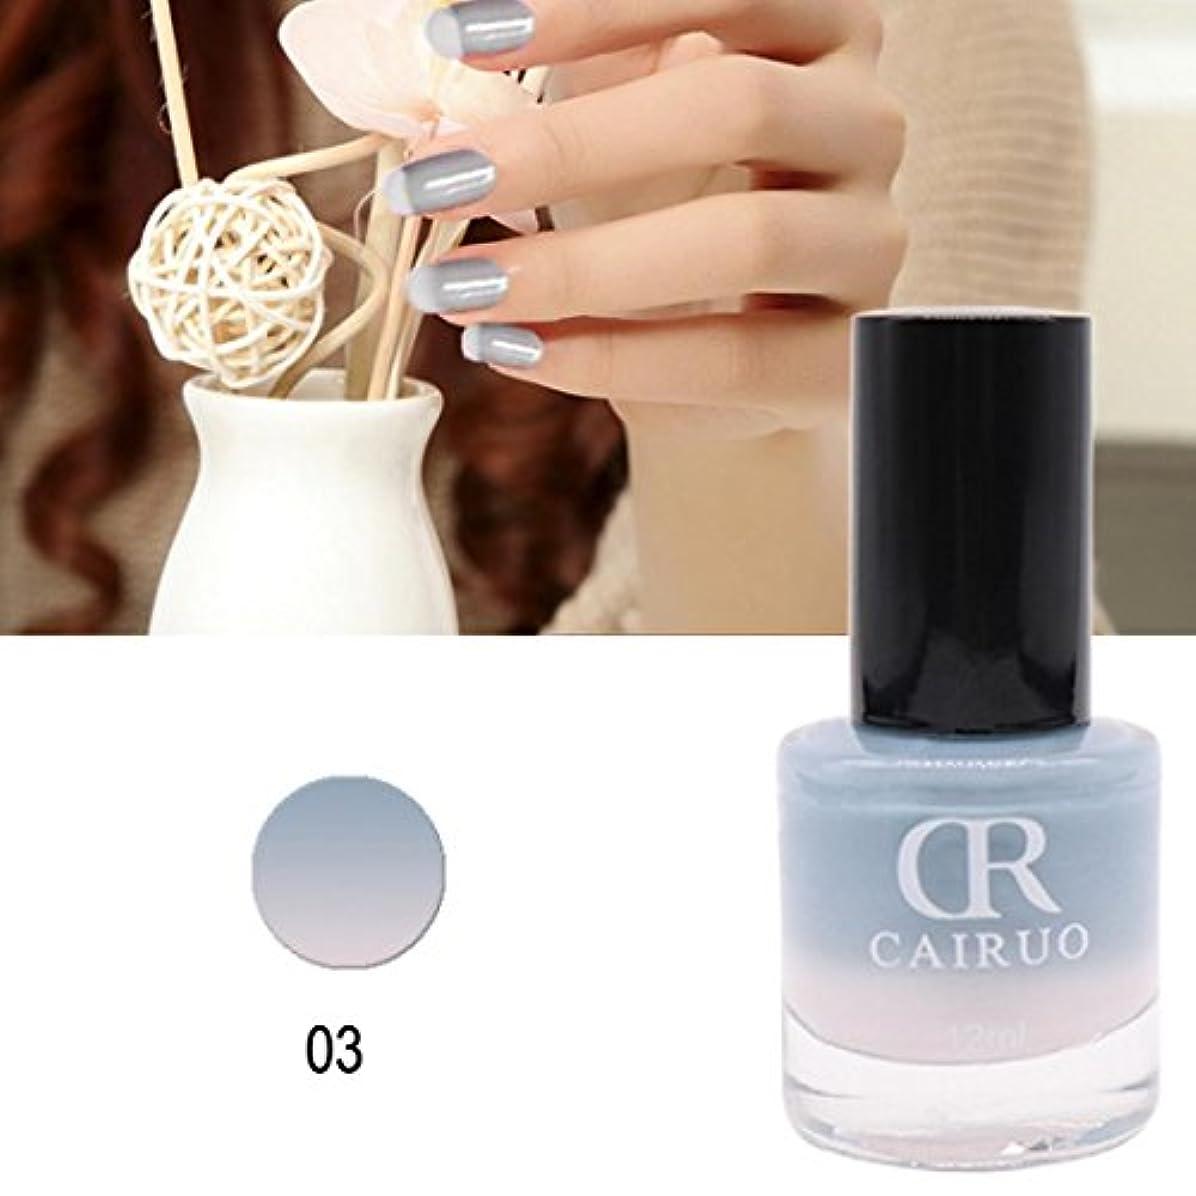 を必要としています簡単に好ましいネイルカラー BOBOGOJP 26選 色のバリエーション豊富 透明感 マニキュア 人気 流行 塗りやすい 速乾 nail 指先 爪先 ネイル用 温度にり色が変わるネイルポリッシュ (C)